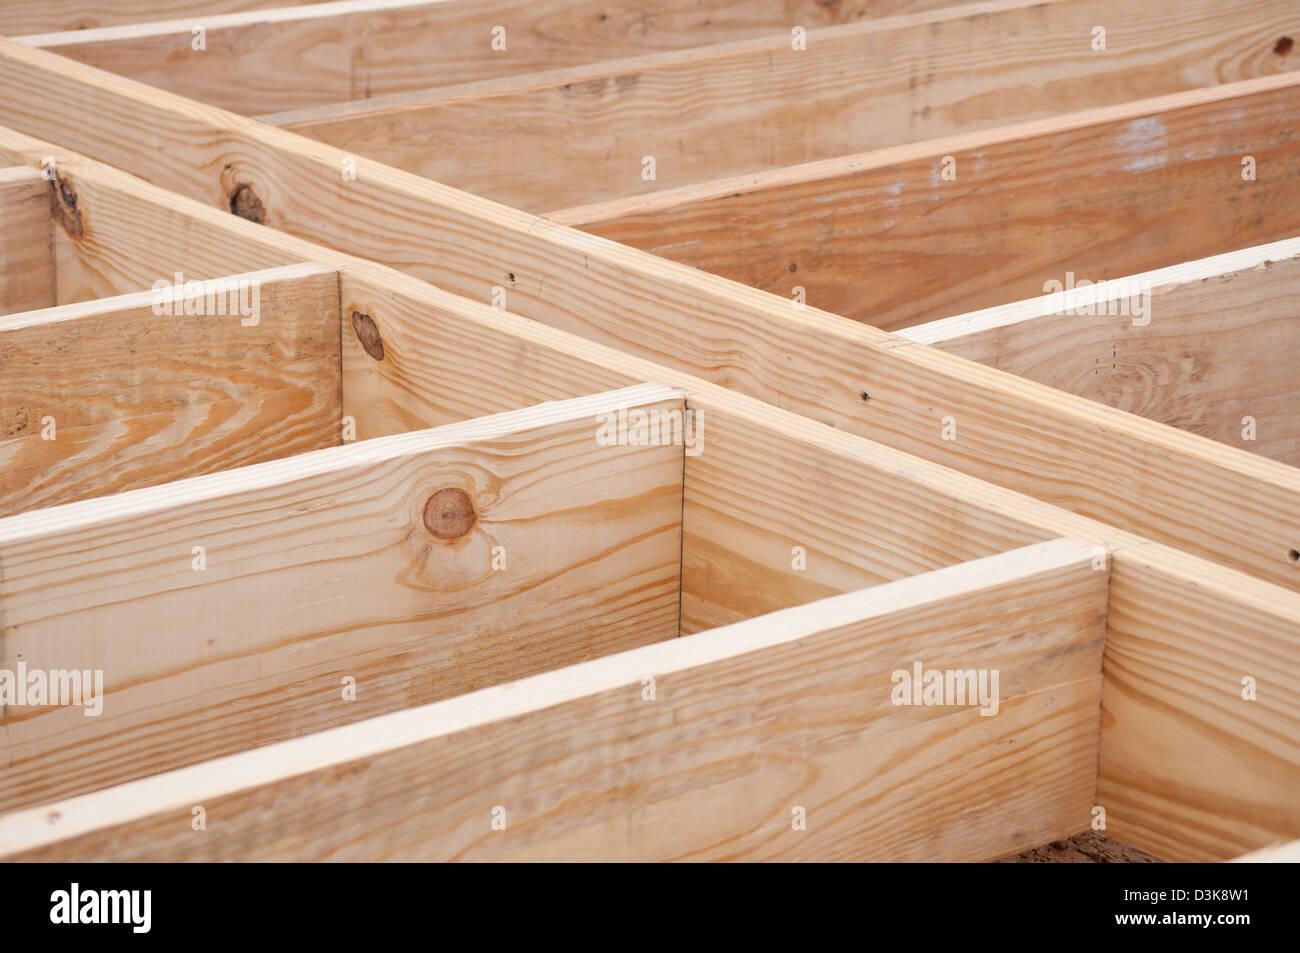 Travetti di pavimento fatto di legname sul sito in costruzione Immagini Stock